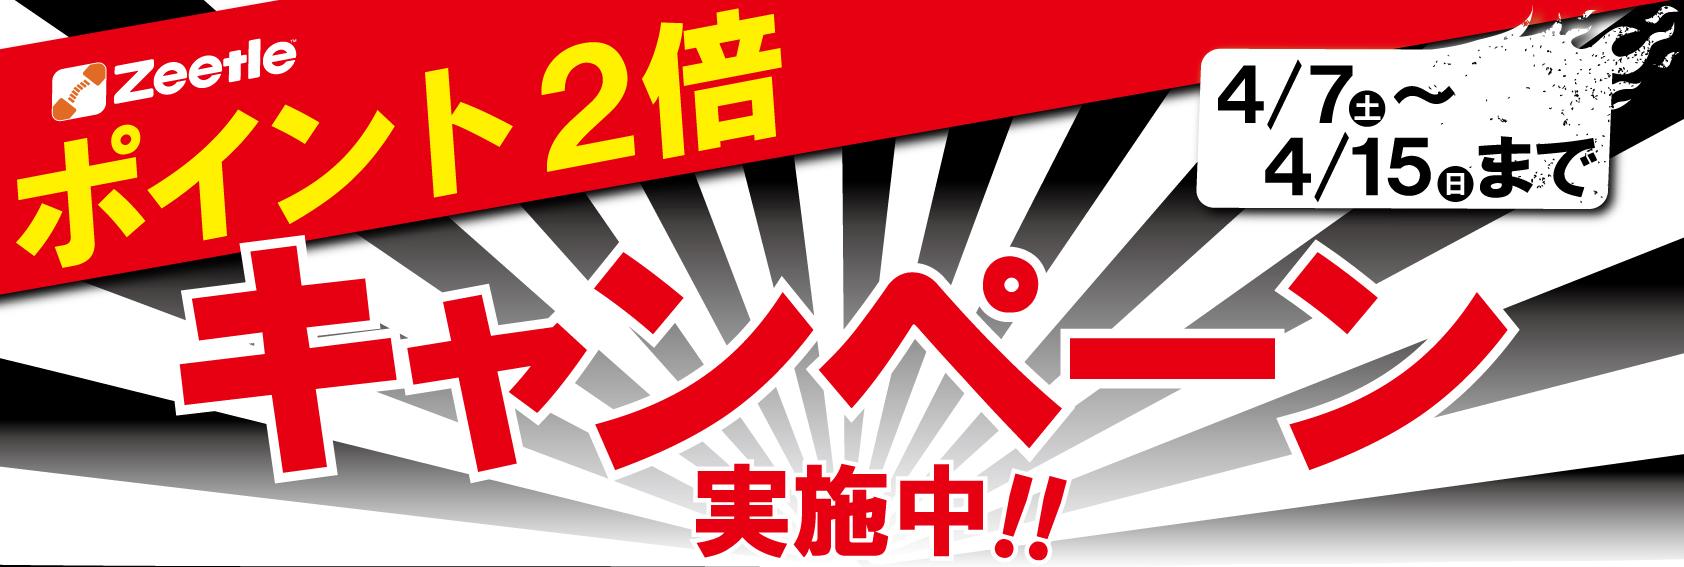 【店舗限定】Zeetleポイント2倍!